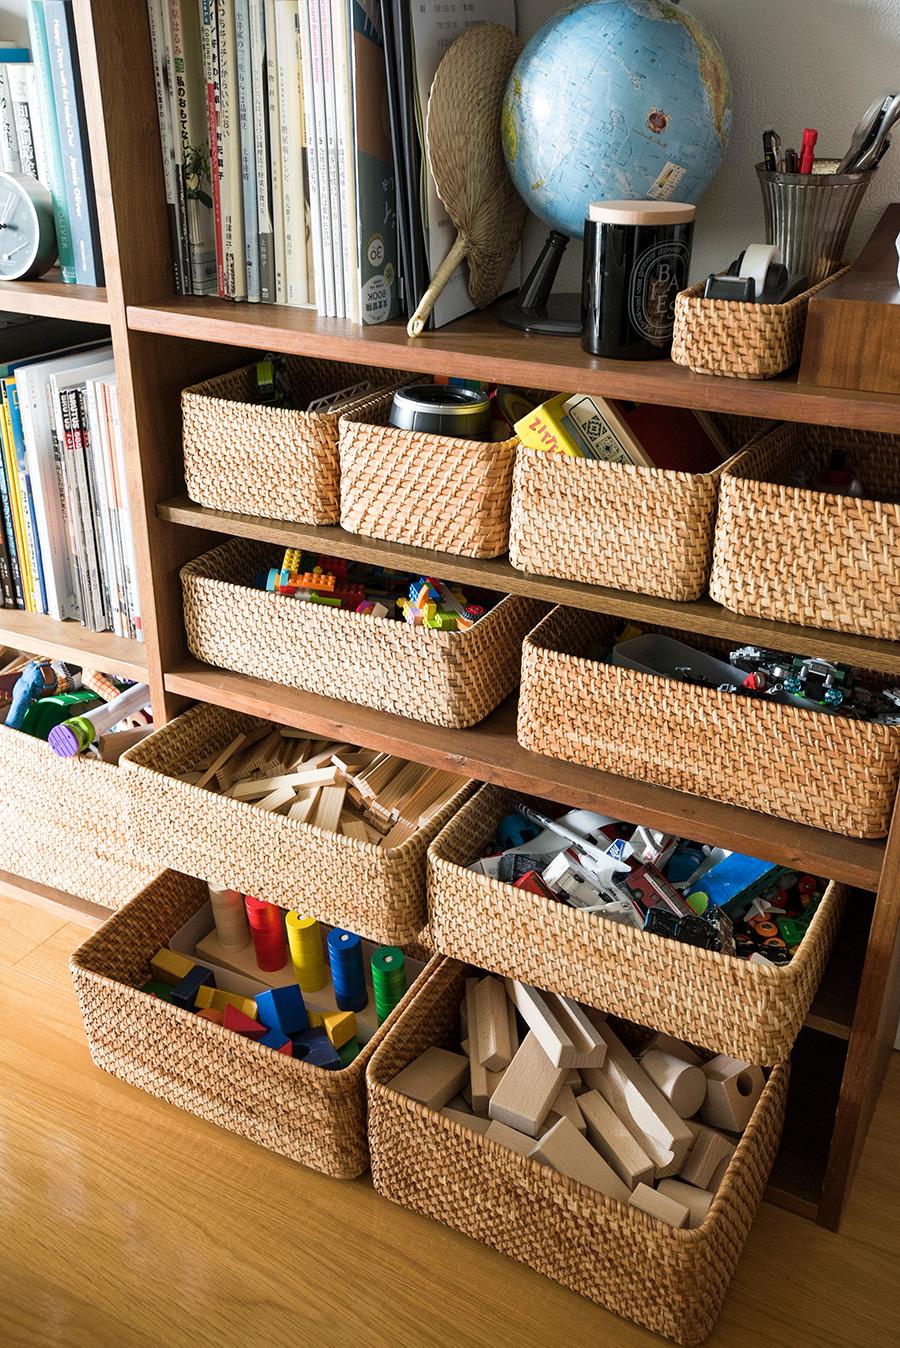 ラタンのボックスに子供のおもちゃを。中身は本人に仕分けさせることで、自分で片づけることを促している。